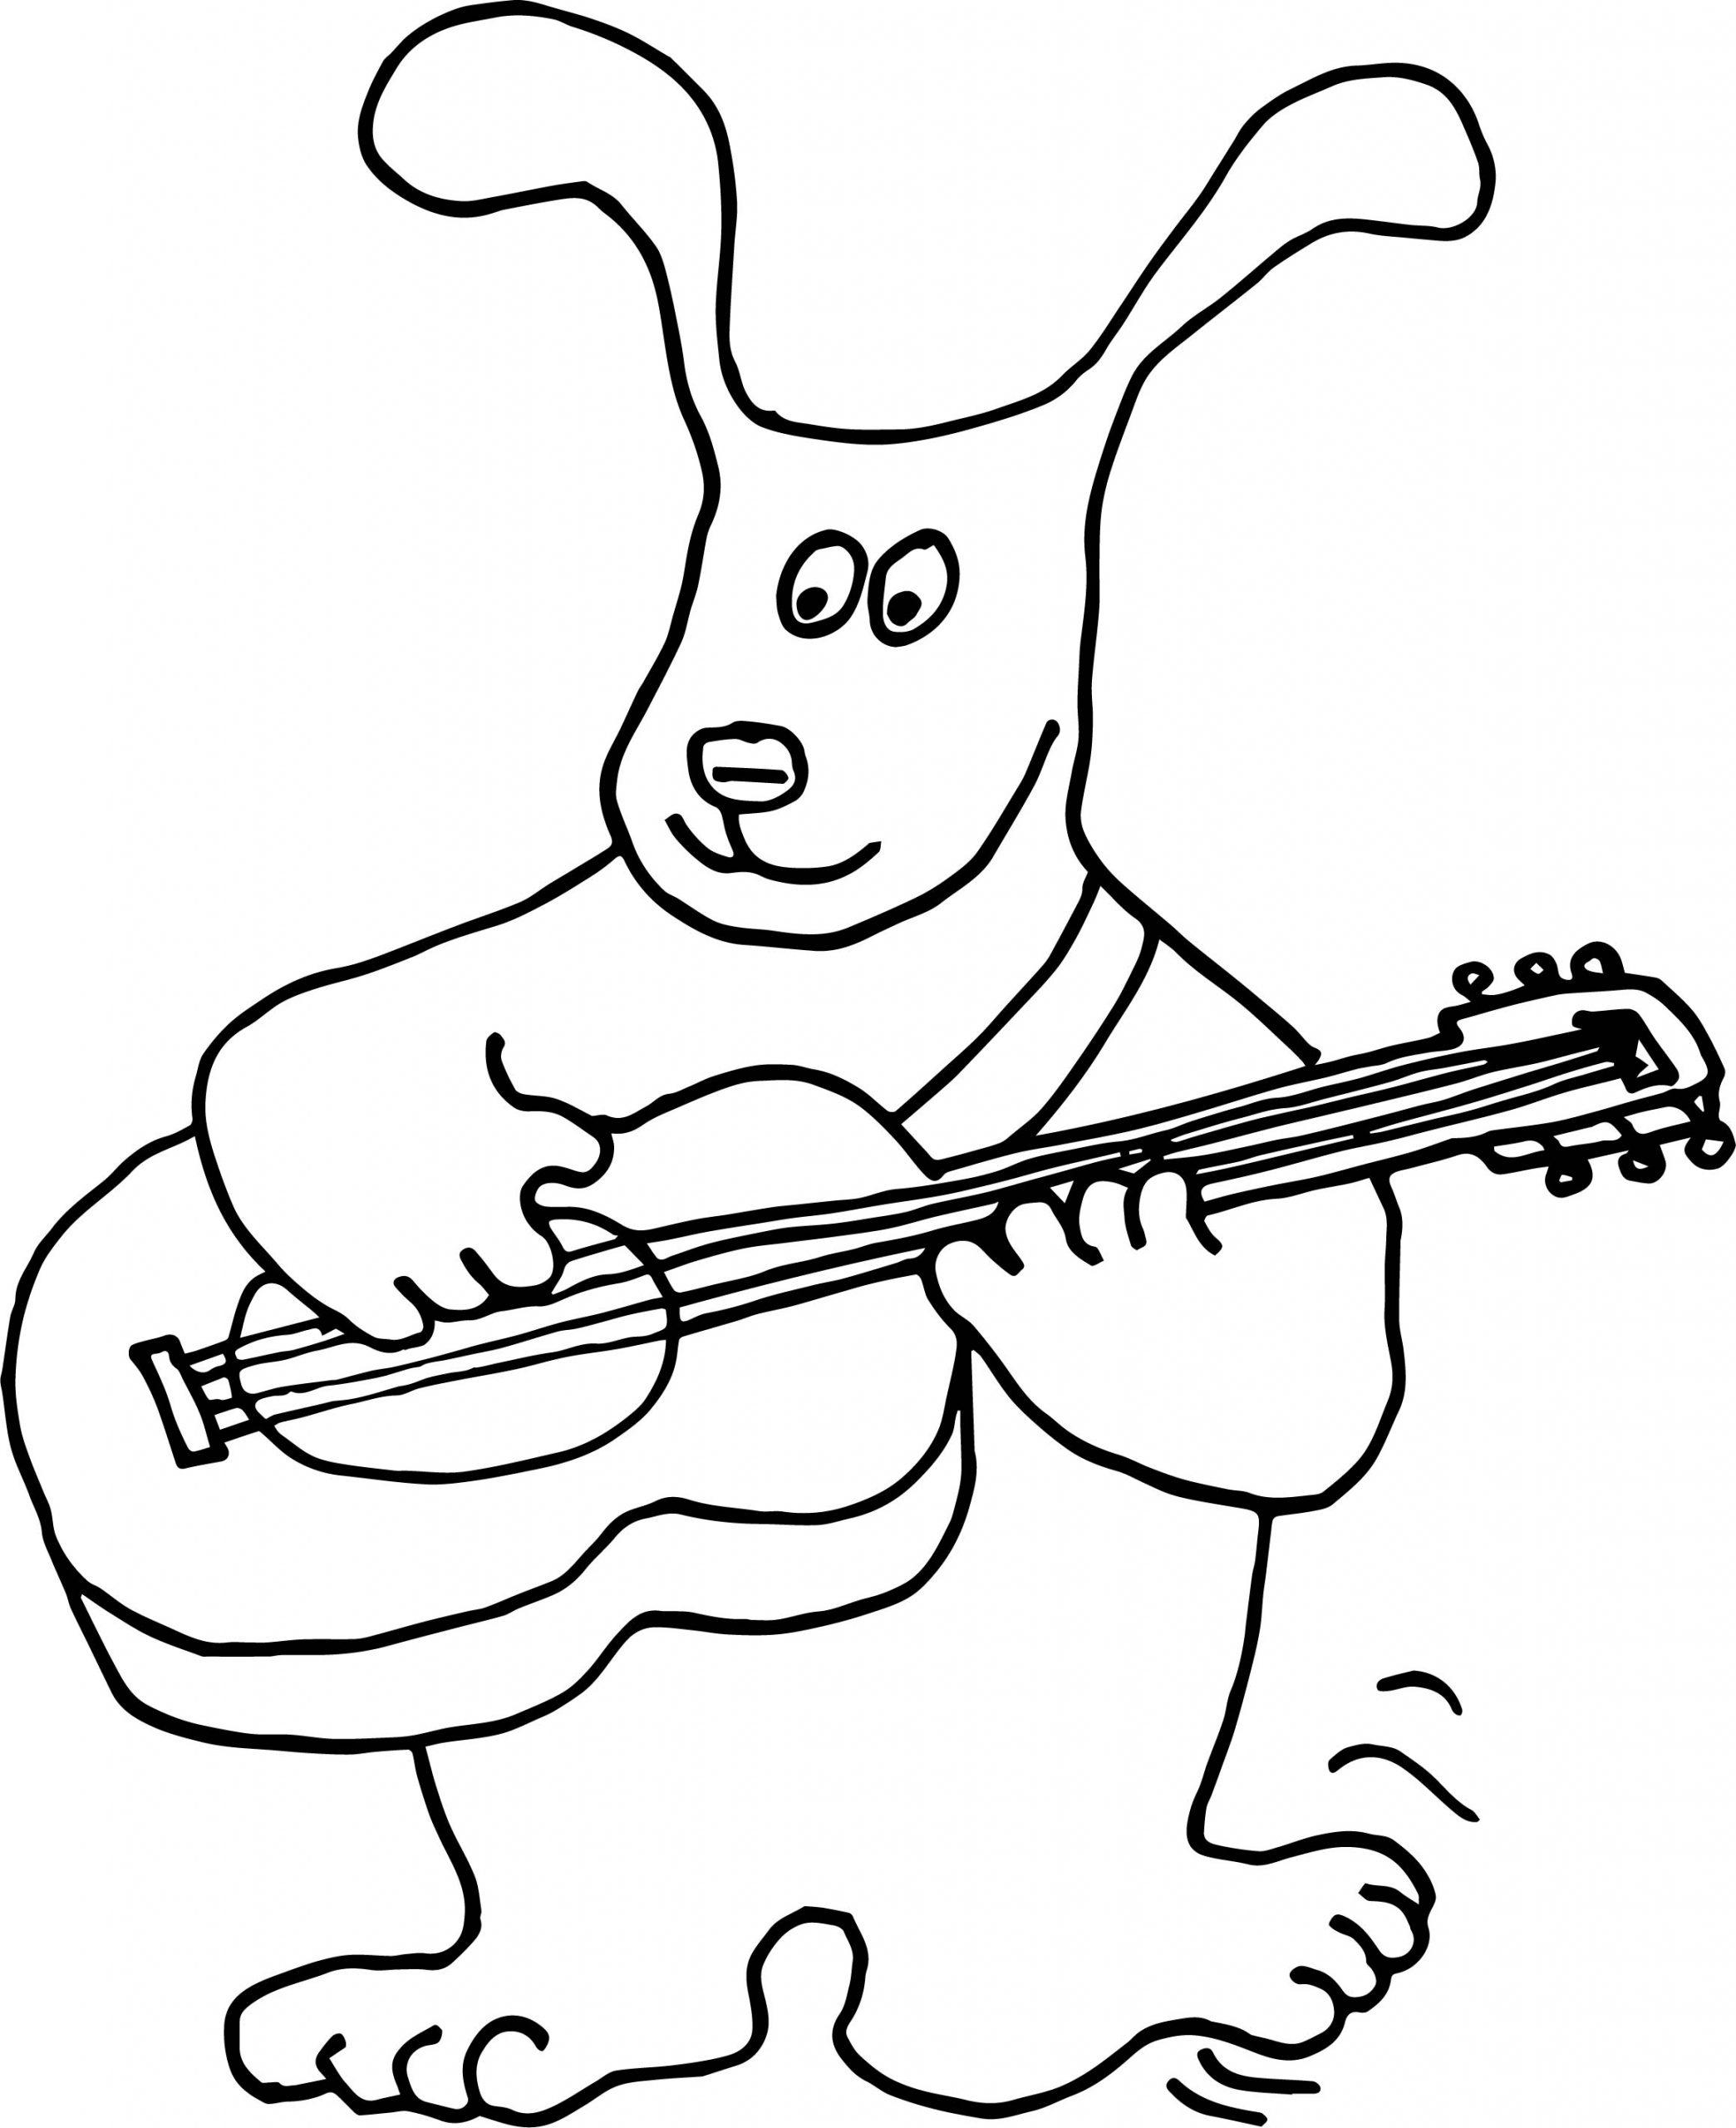 Раскраска кролик играет на гитаре